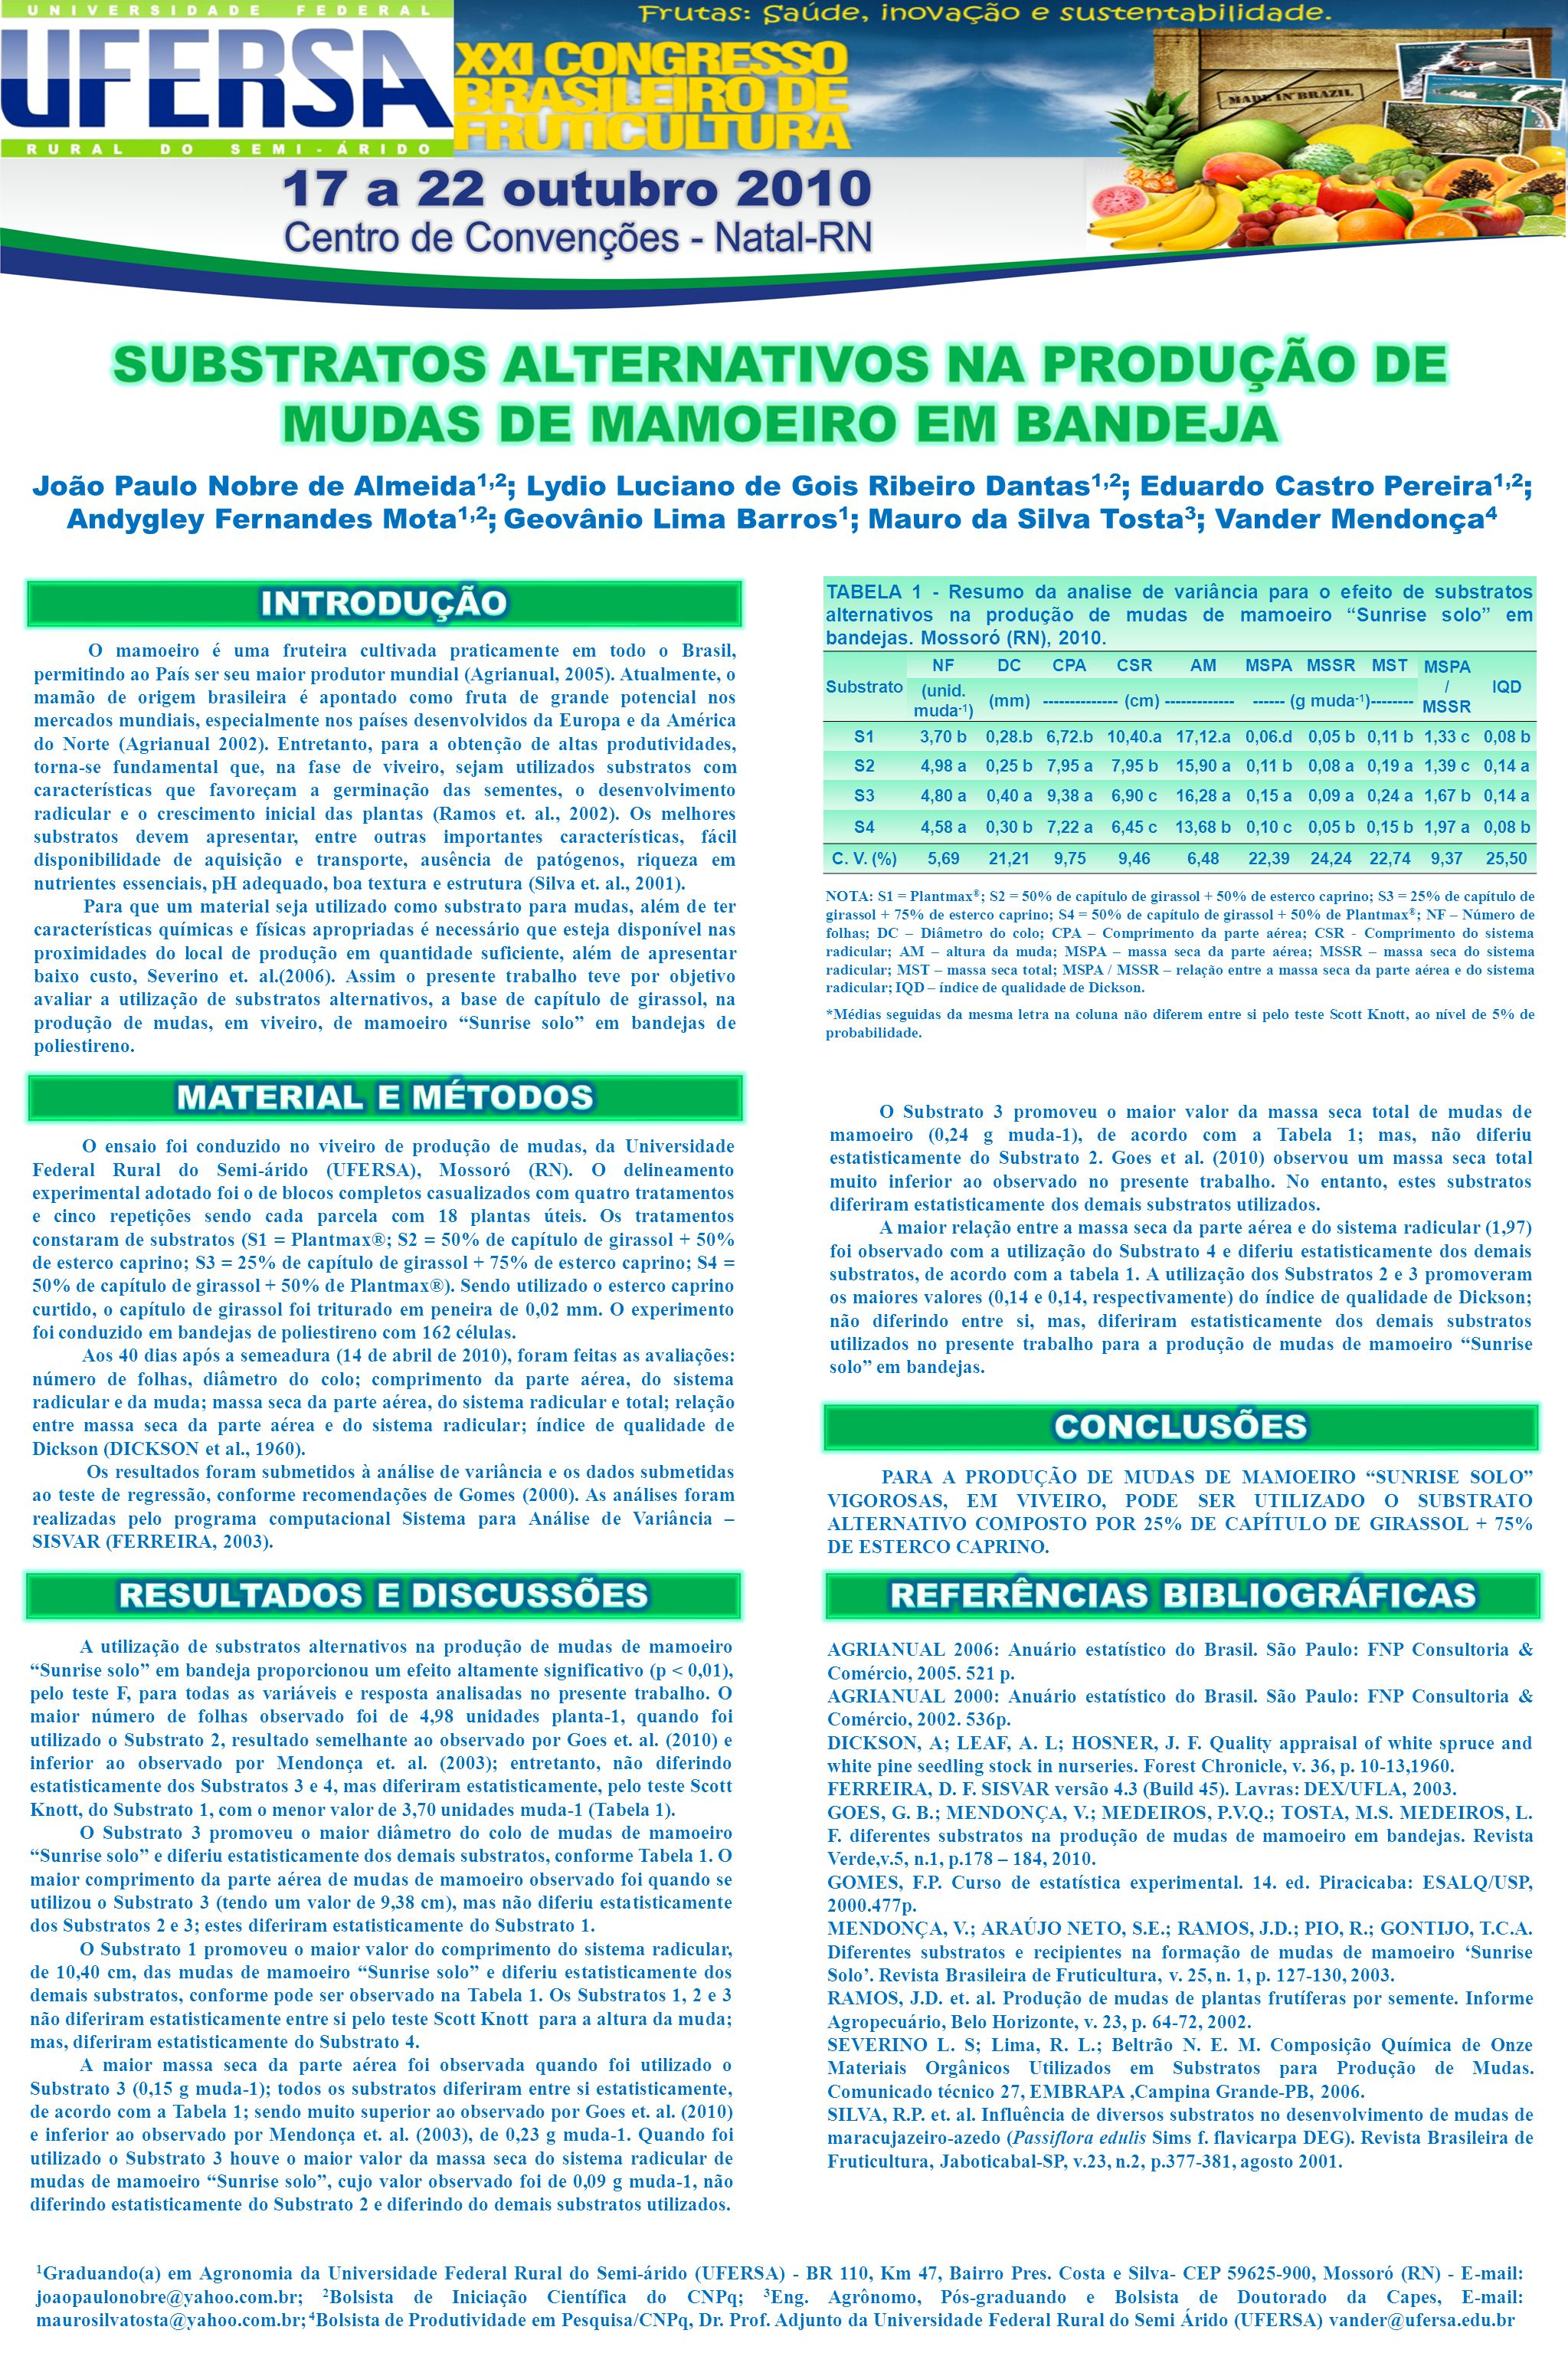 SUBSTRATOS ALTERNATIVOS NA PRODUÇÃO DE MUDAS DE MAMOEIRO EM BANDEJA